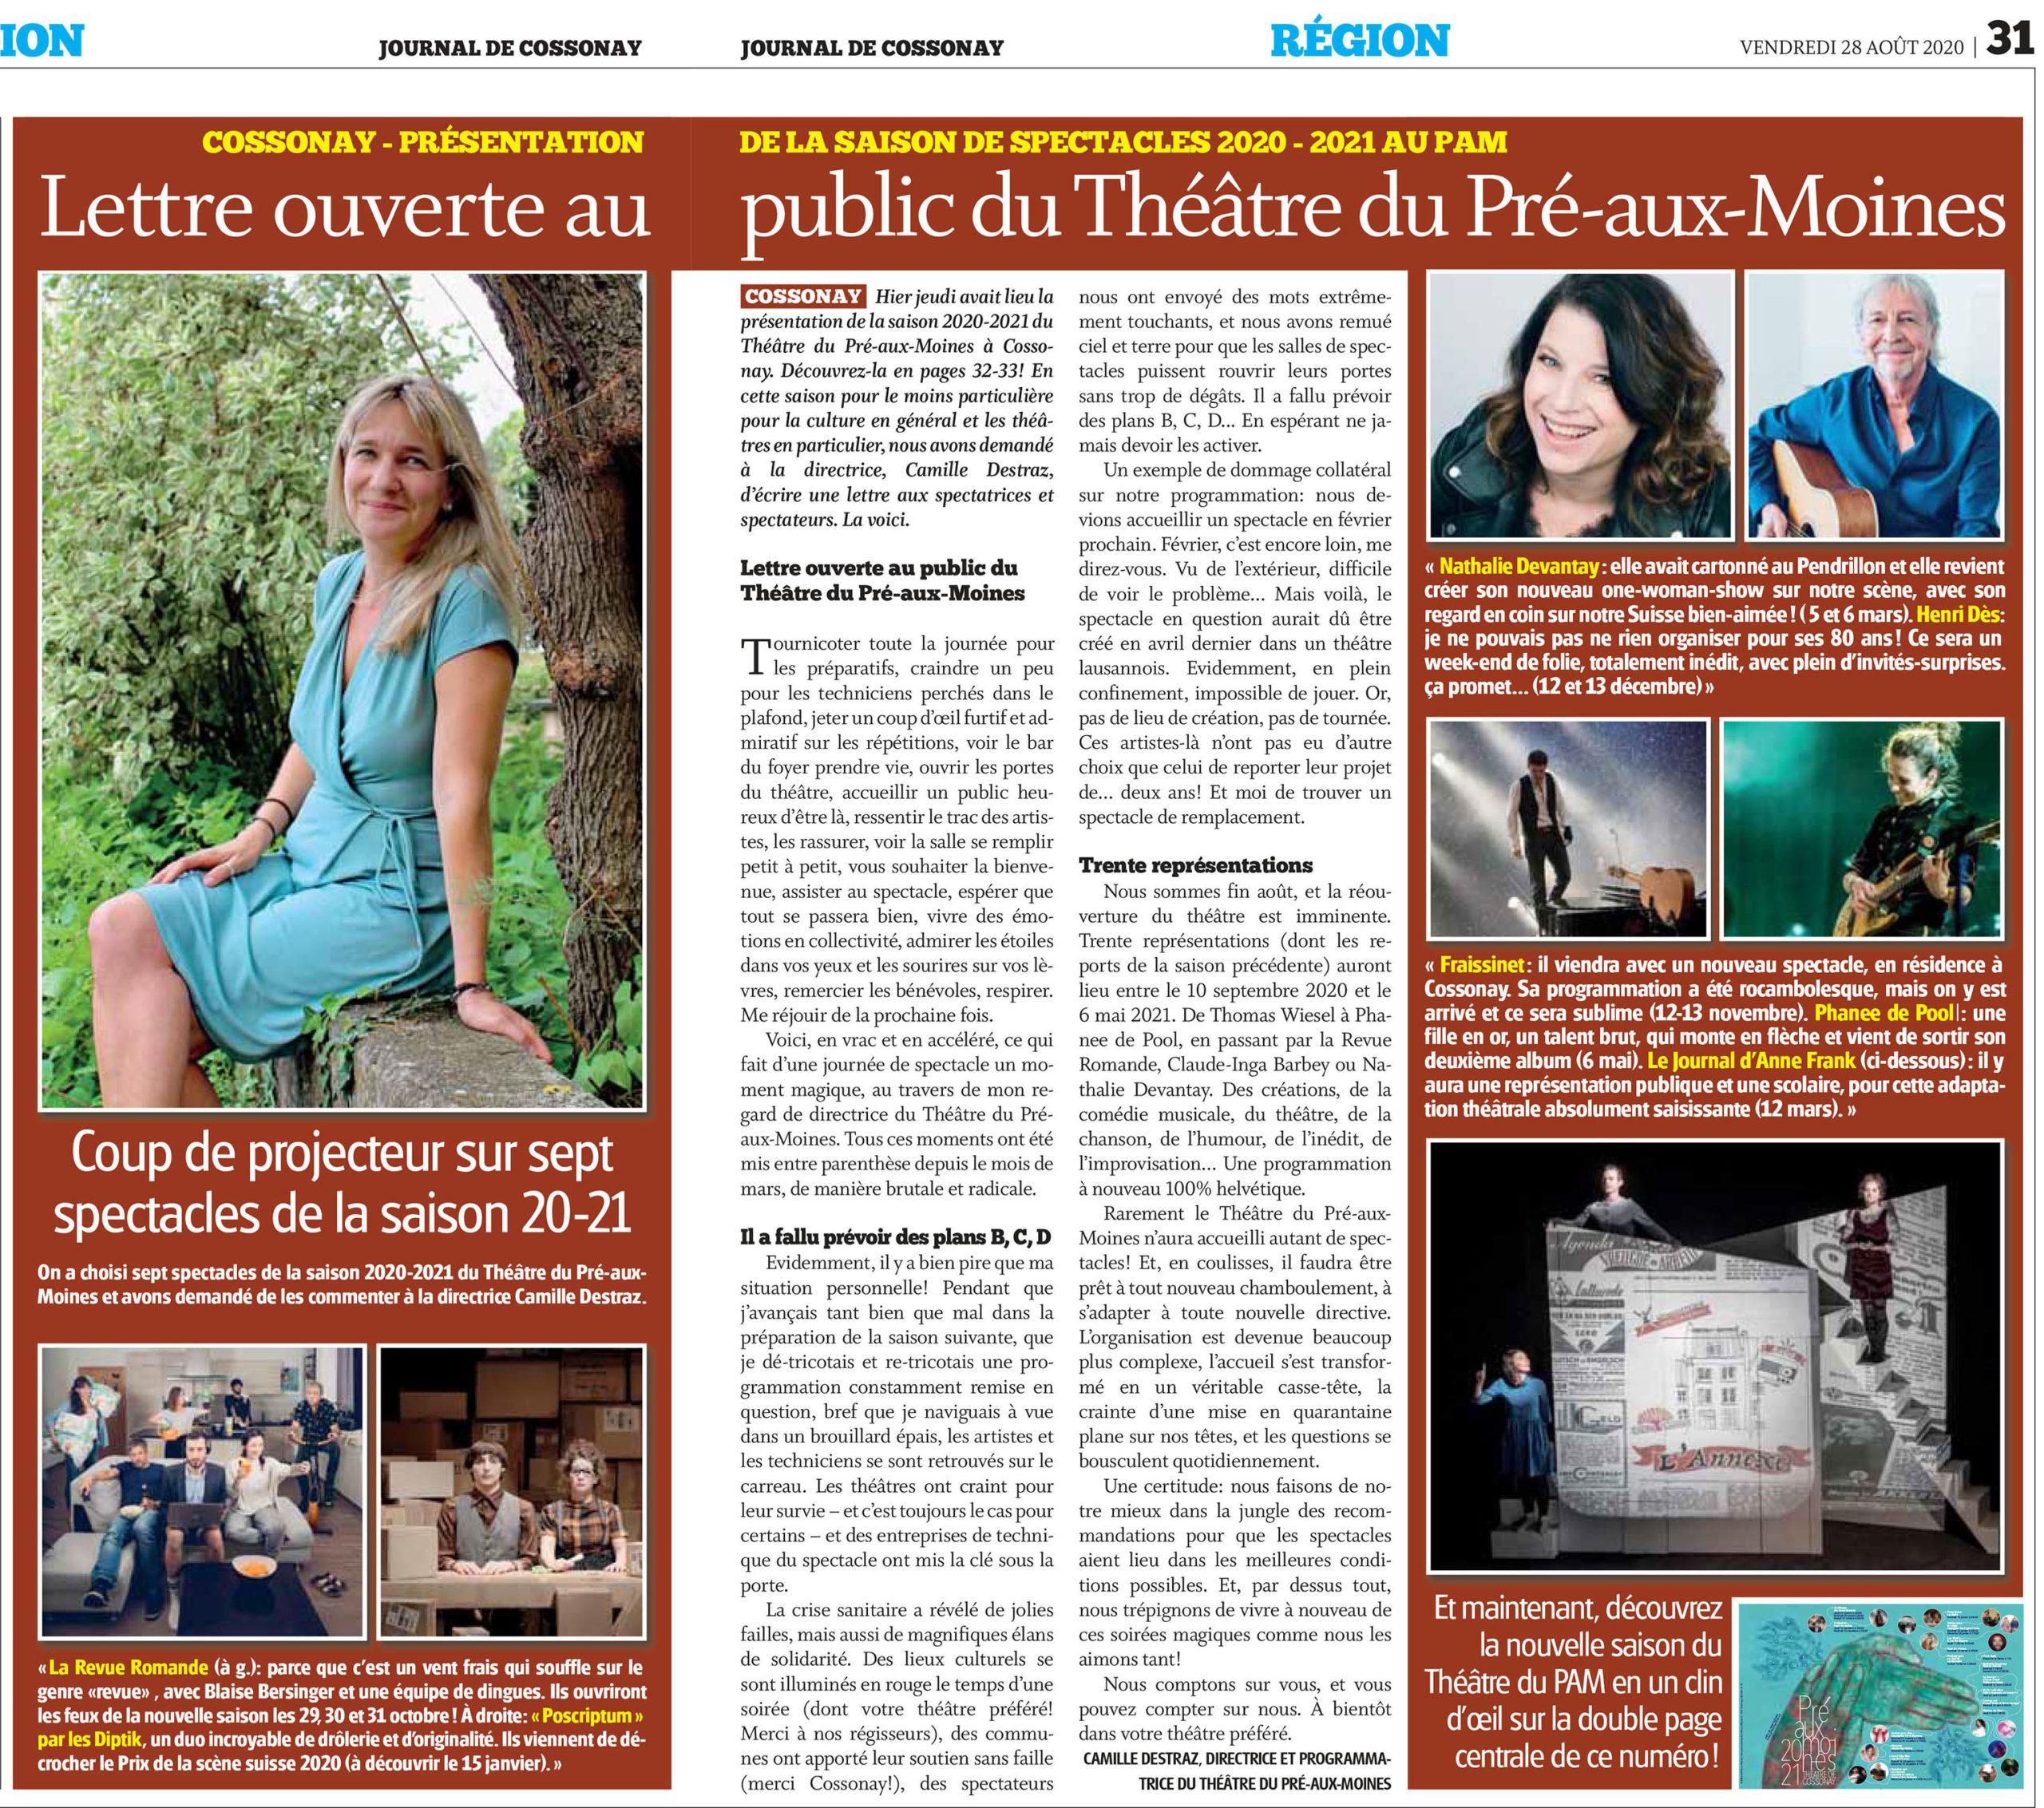 Journal de Cossonay, 28.08.2020